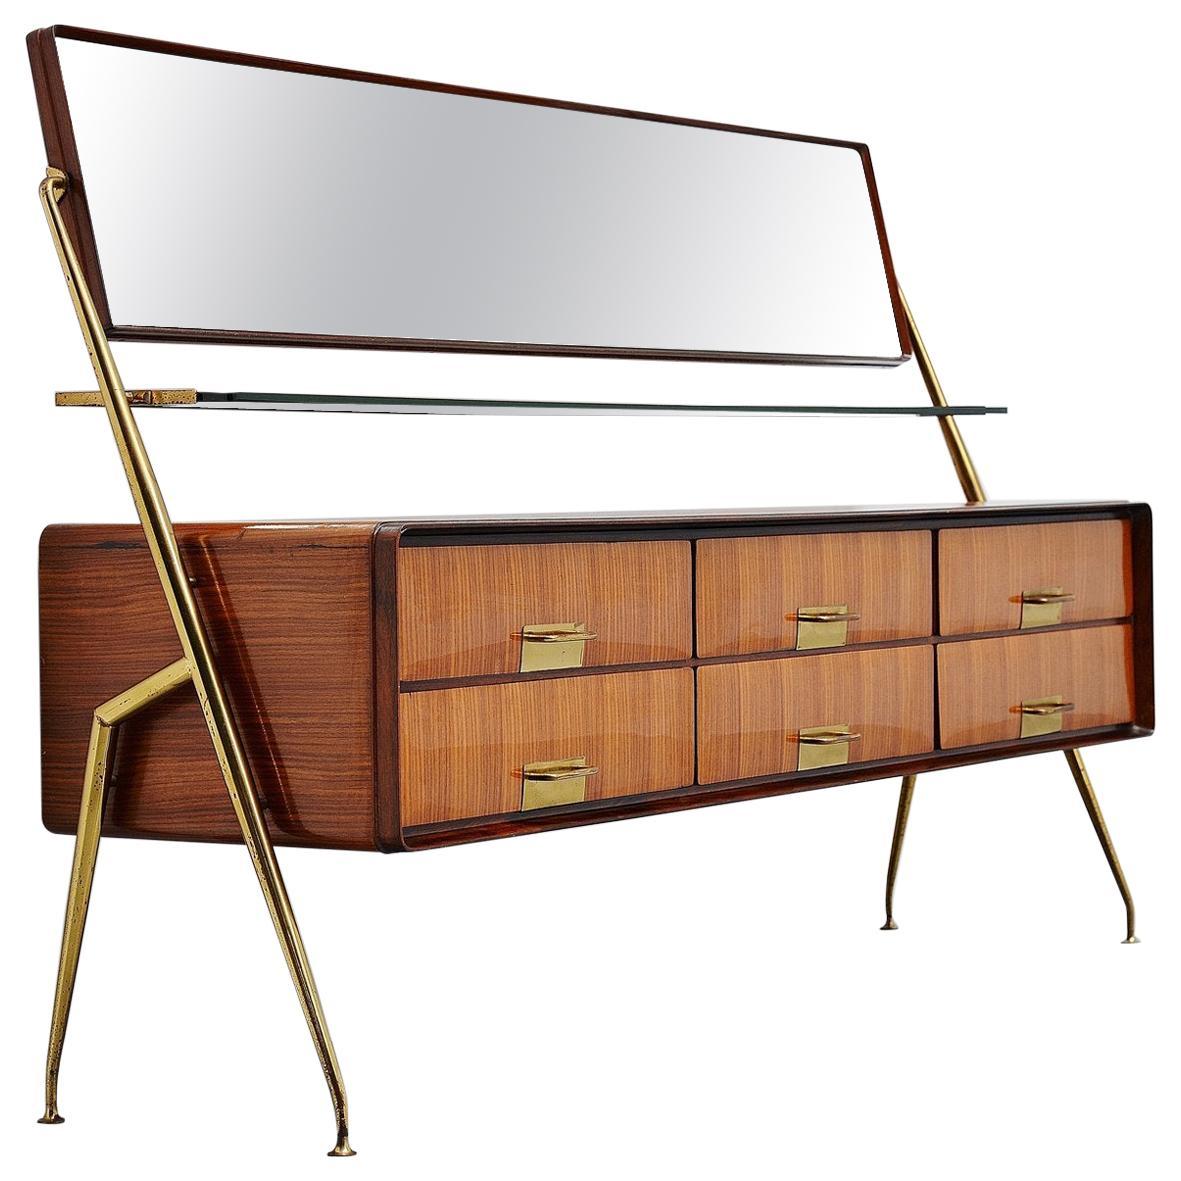 Silvio Cavatorta Mirror Sideboard, Italy, 1958